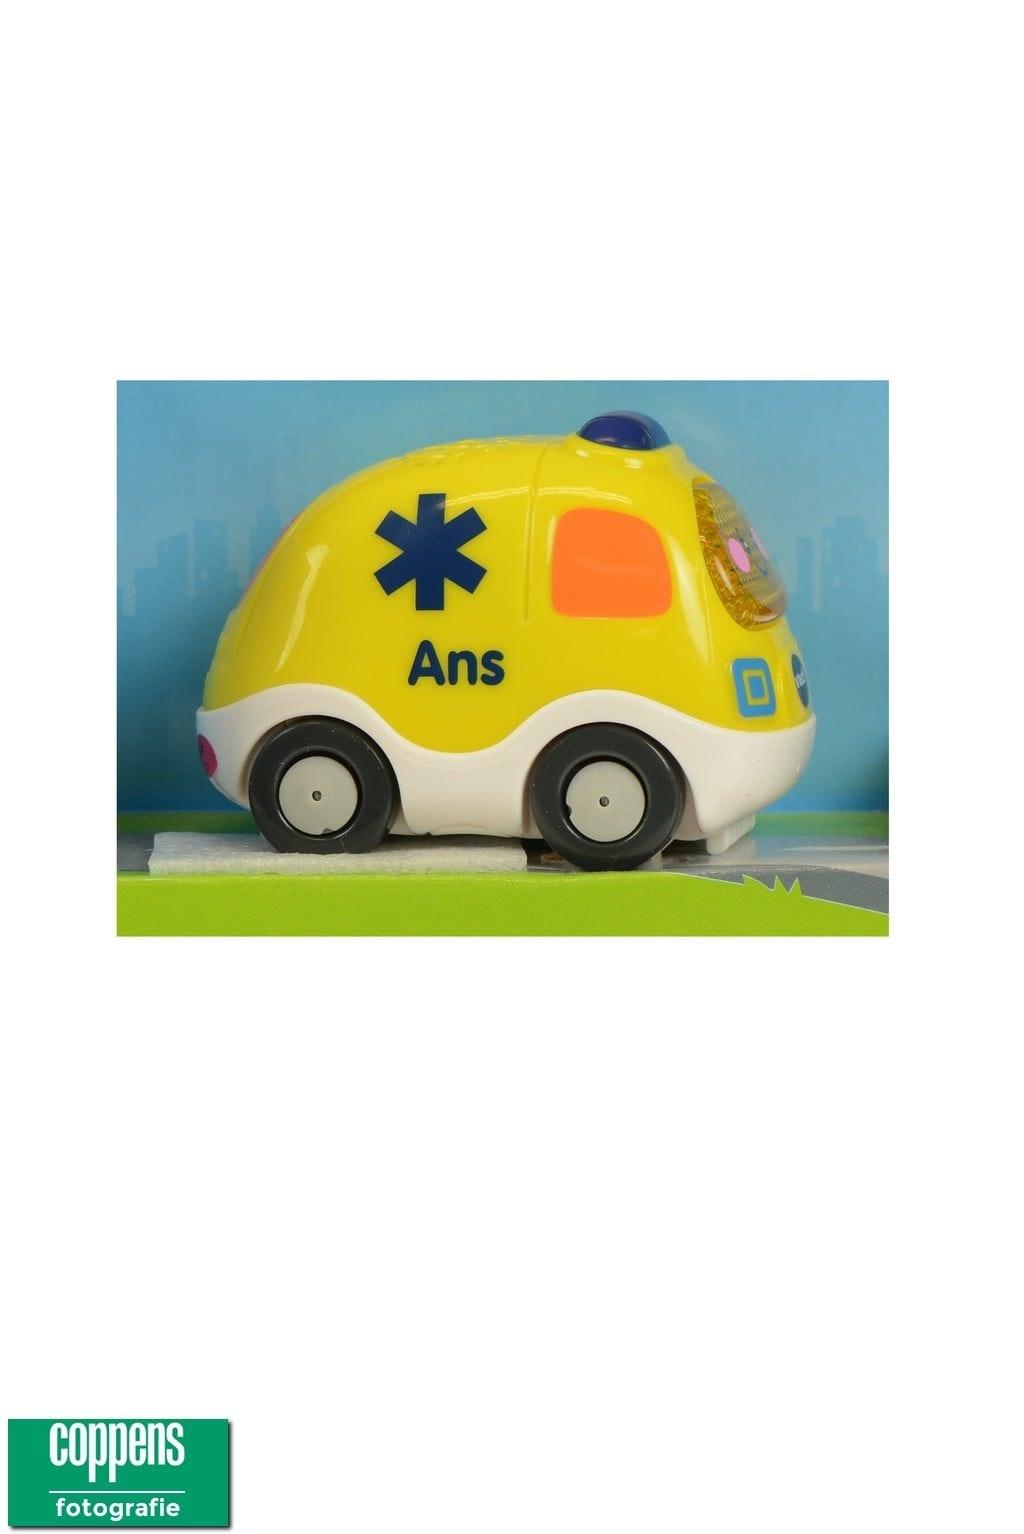 Toet Toet Auot's Ans Ambulance